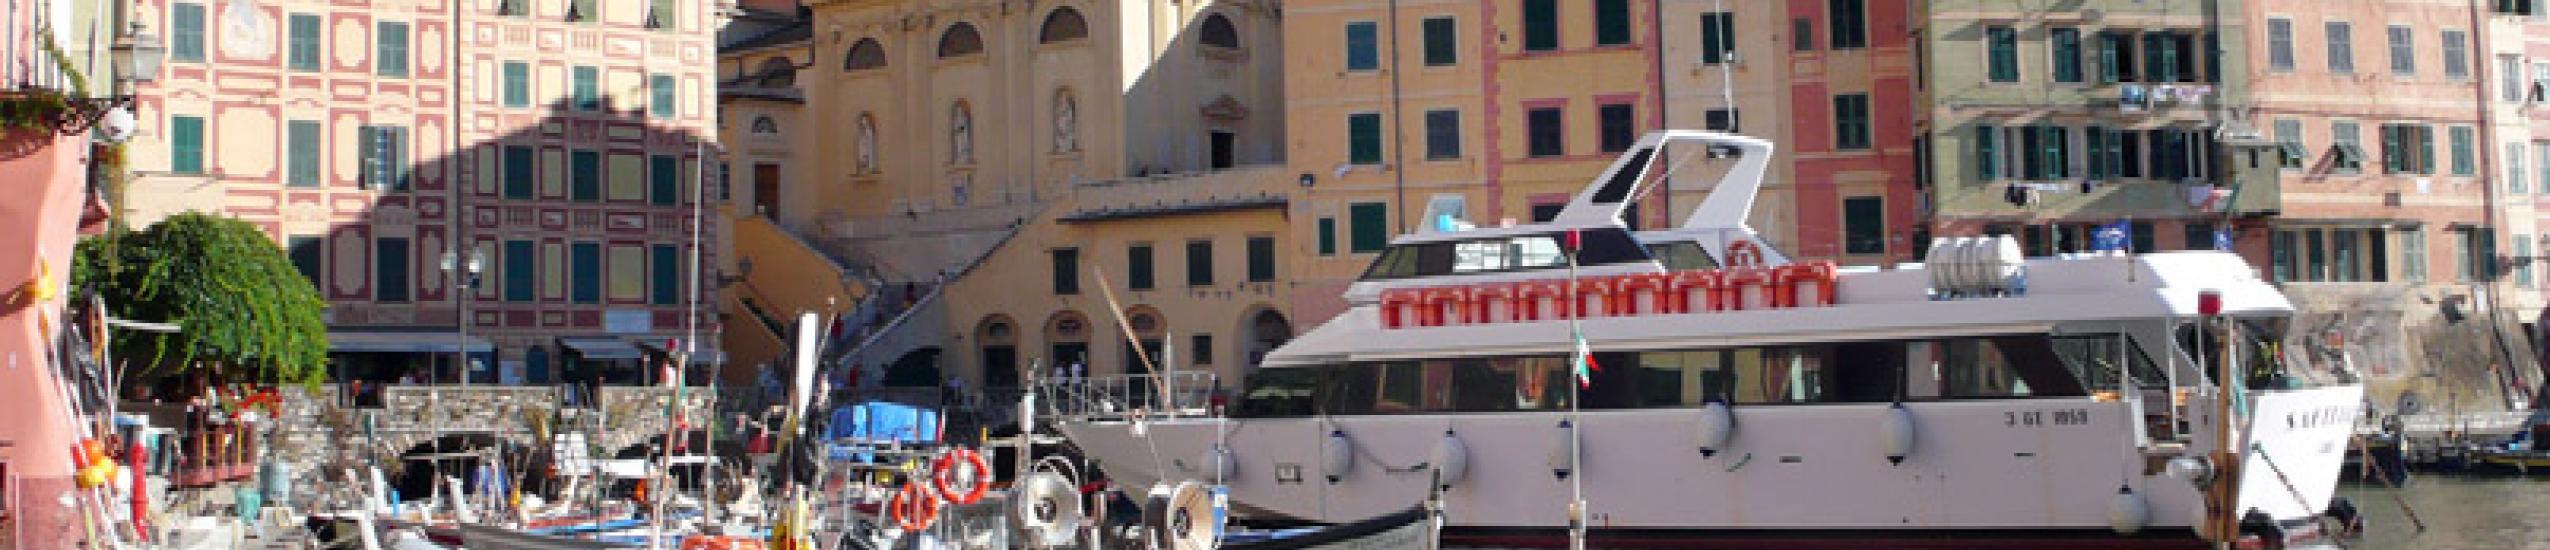 servizio marittimo traghetti golfo paradiso